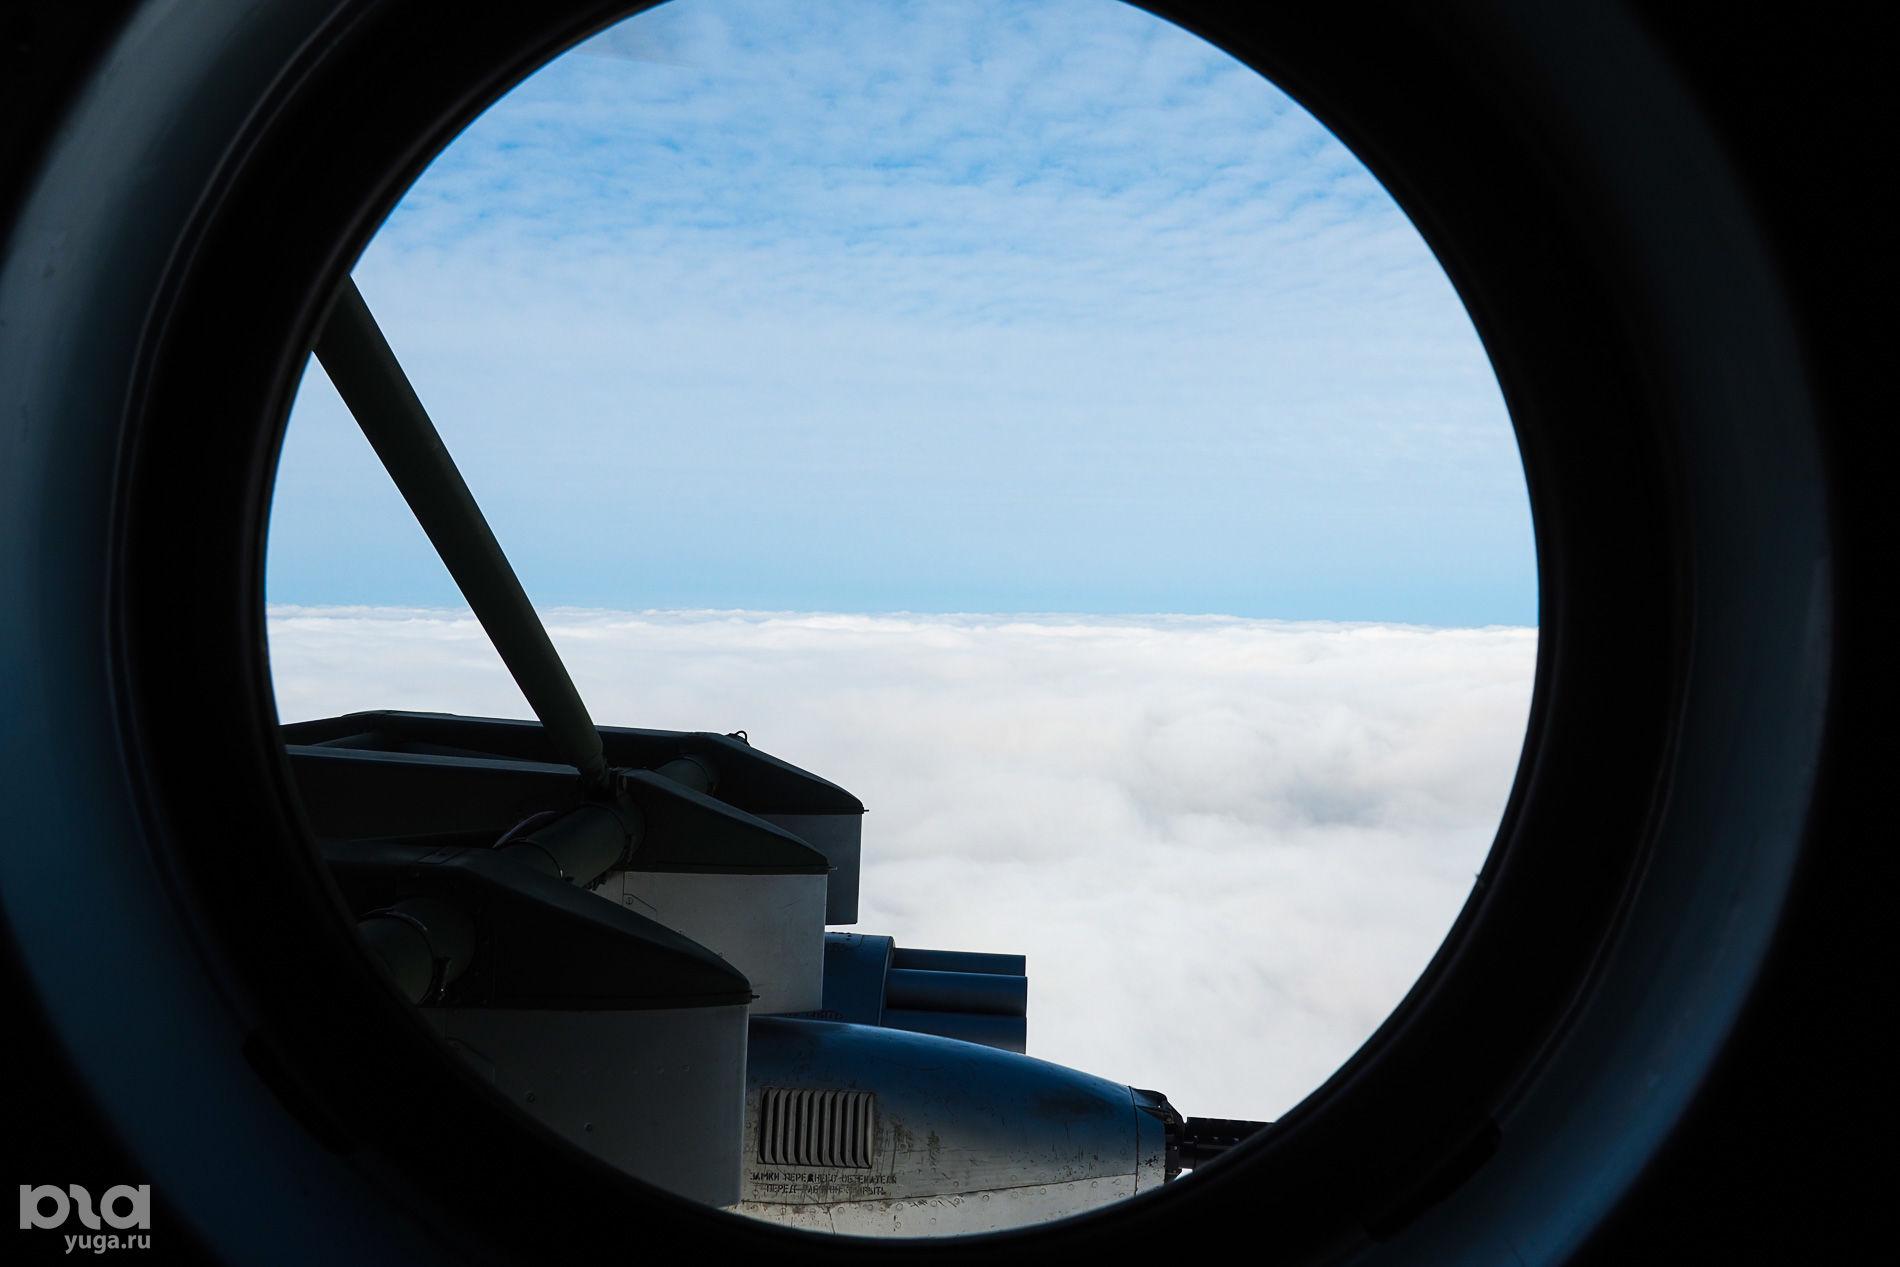 Вид из иллюминатора при совершении полета над линией облаков ©Виталий Тимкив, Юга.ру